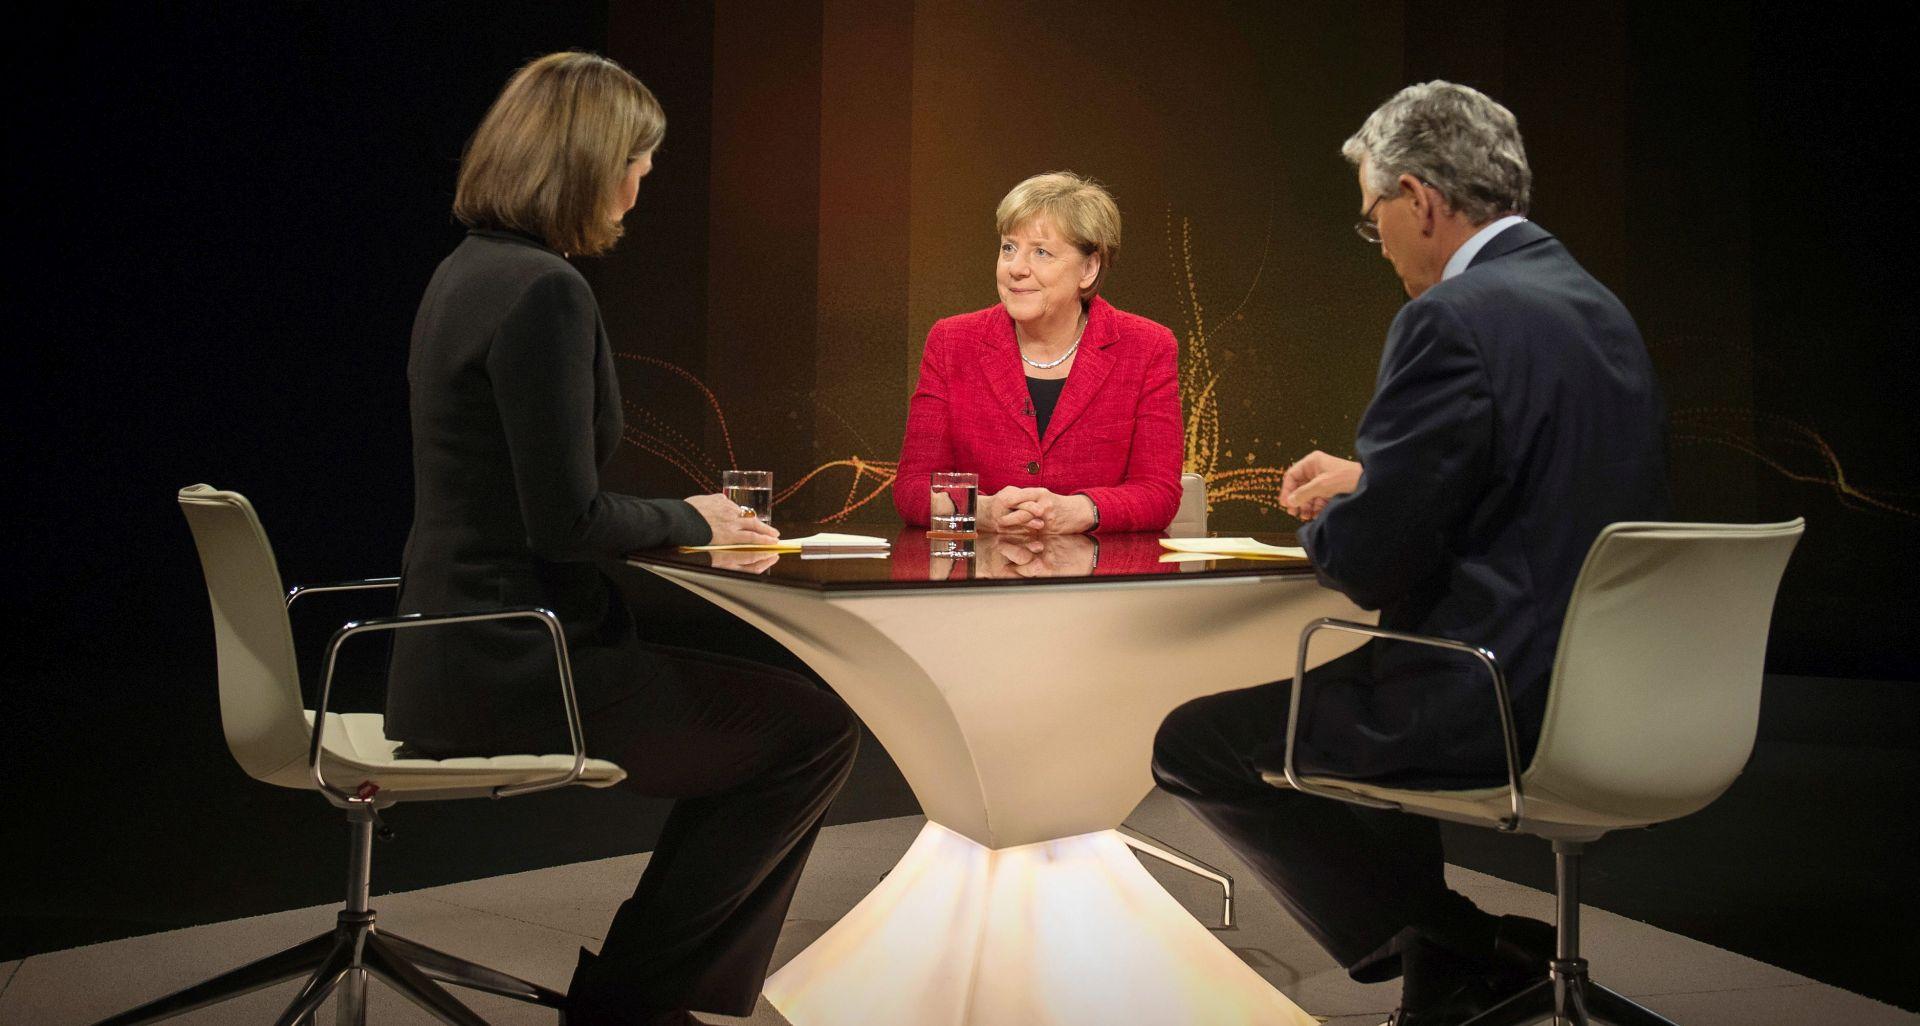 """Merkel, pod udarom kritika oko migranata, kaže: """"Borim se za svoju viziju"""""""